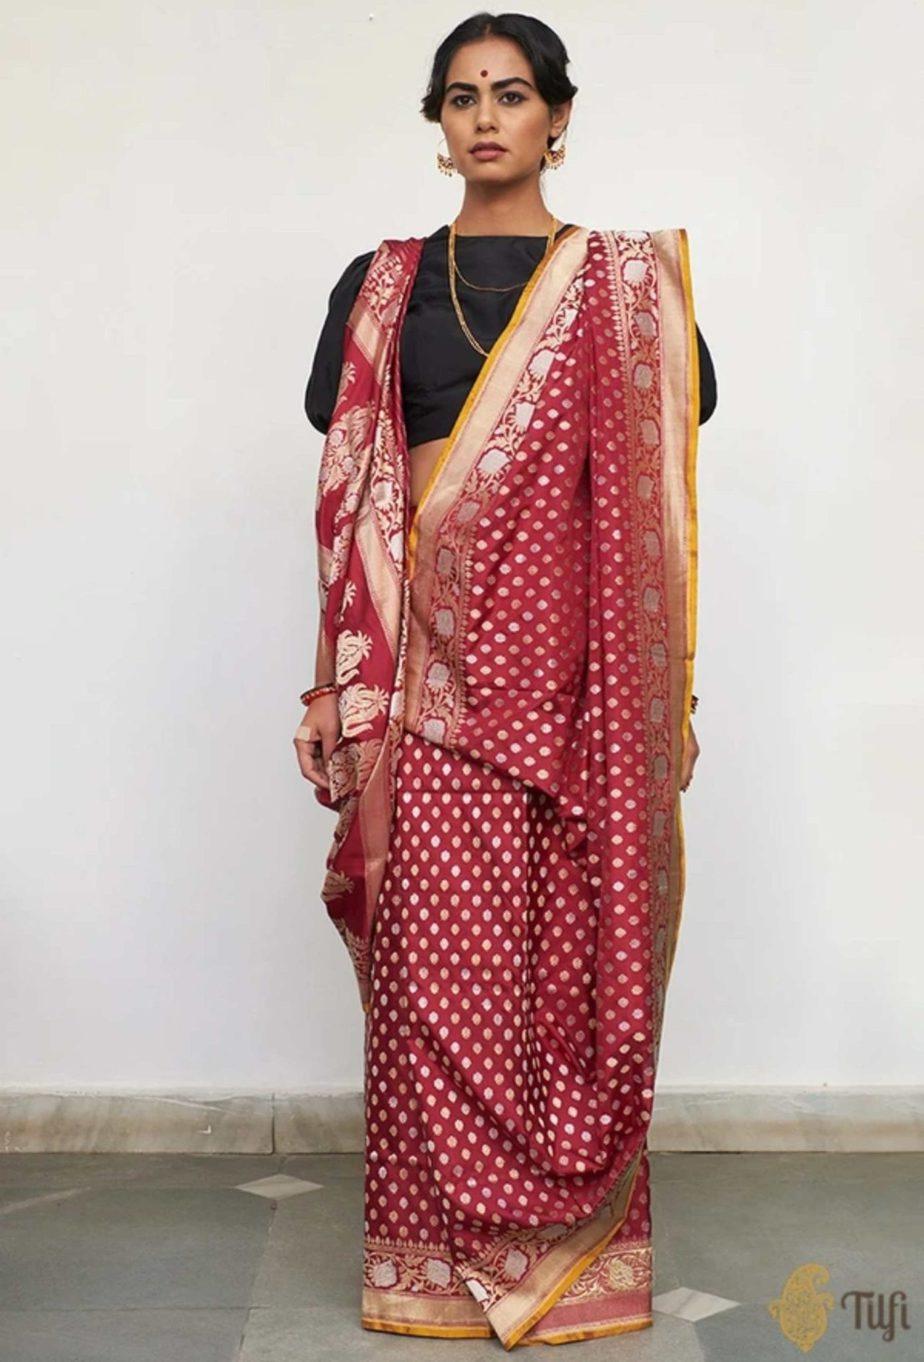 banarasi sarees by tilfi (2)